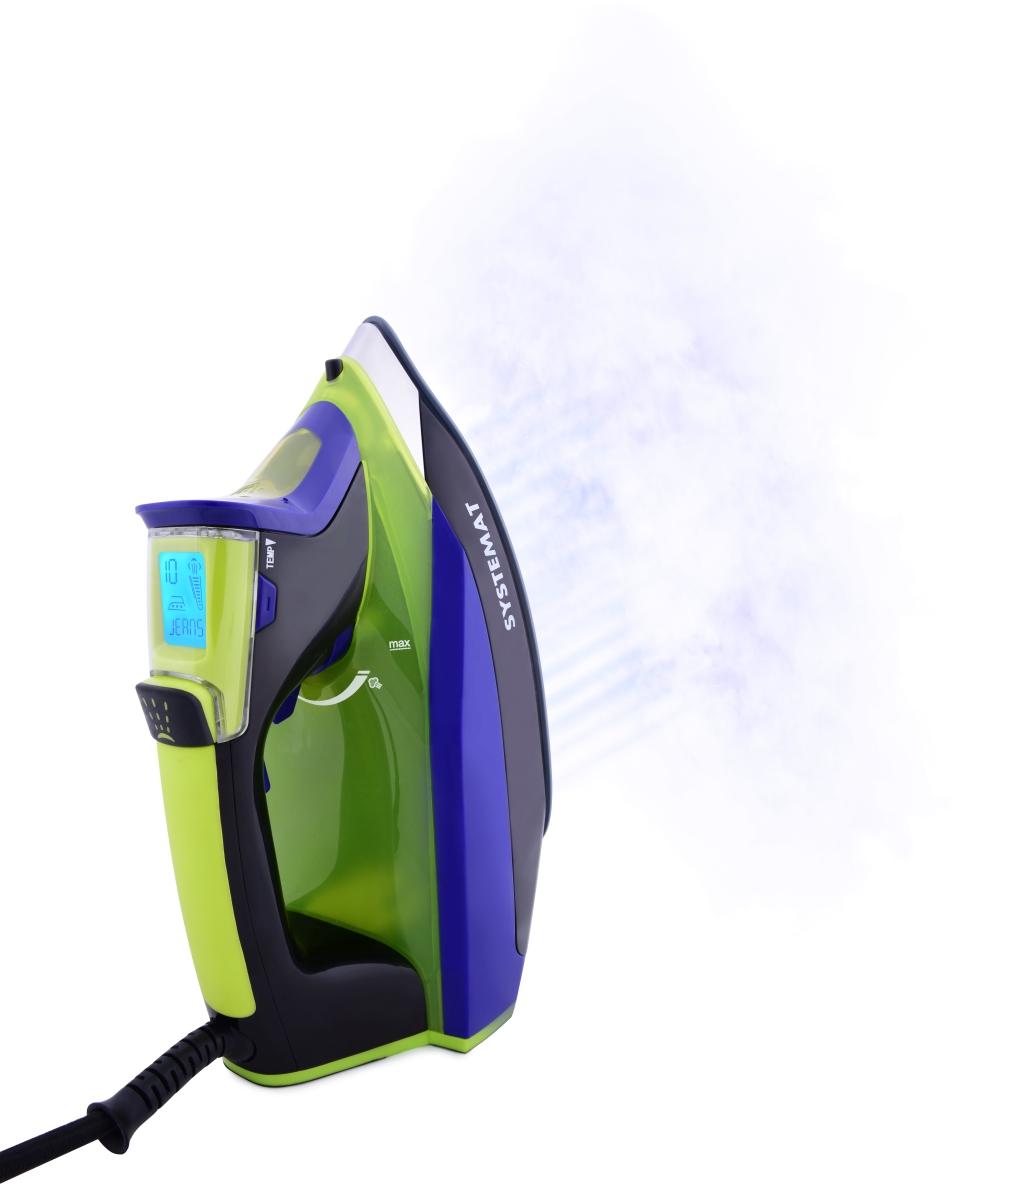 EL94781-Inteligentné naparovacia žehlička s LCD displejom Digitron ANTICALC systémy zeleno-fialová